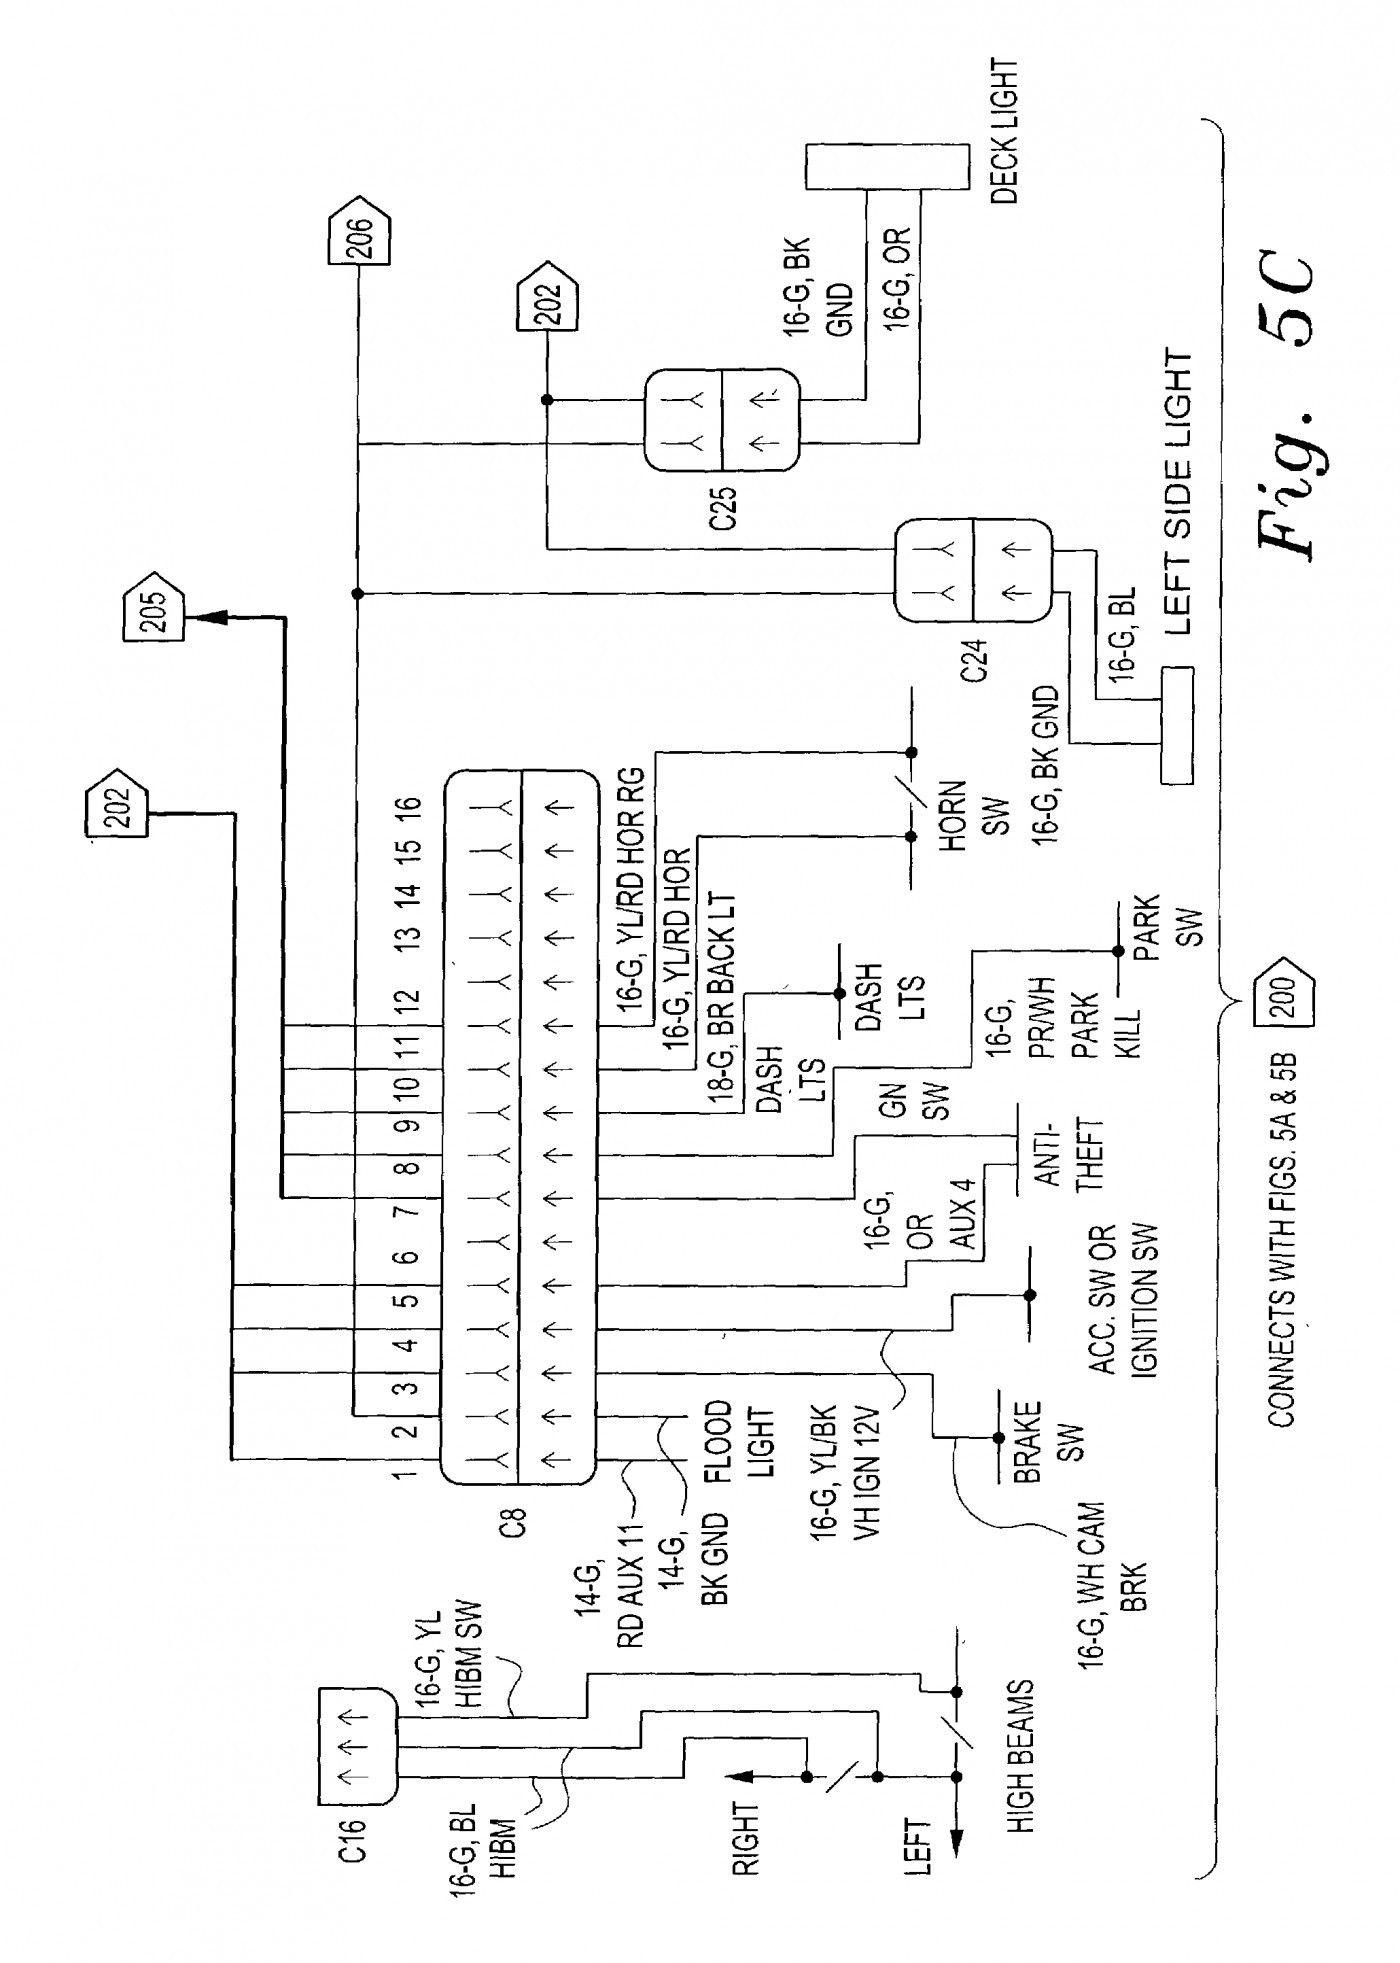 Whelen Tir3 Wiring Diagram Whelen Lights Diagram Strobing